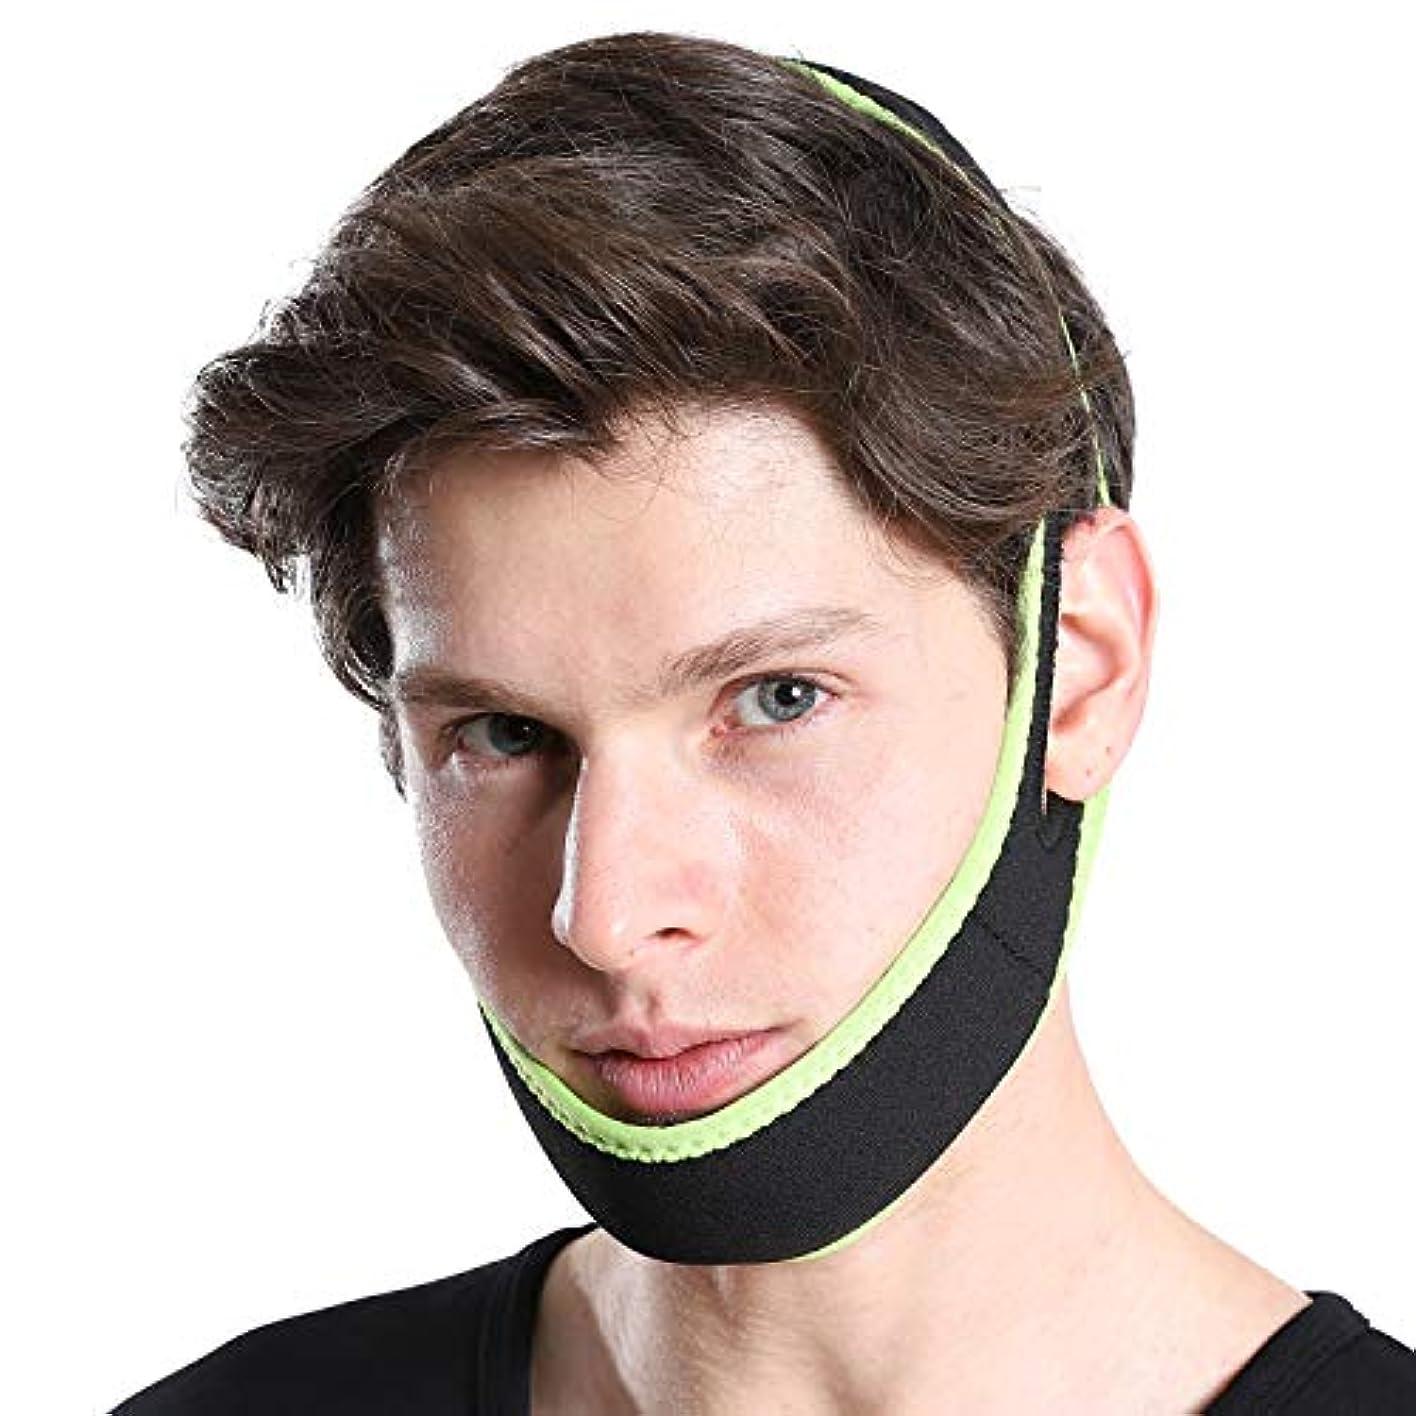 動機よろめく延期するELPIRKA 小顔マスク メンズ ゲルマニウムチタン 配合で 顔痩せ 小顔 リフトアップ!